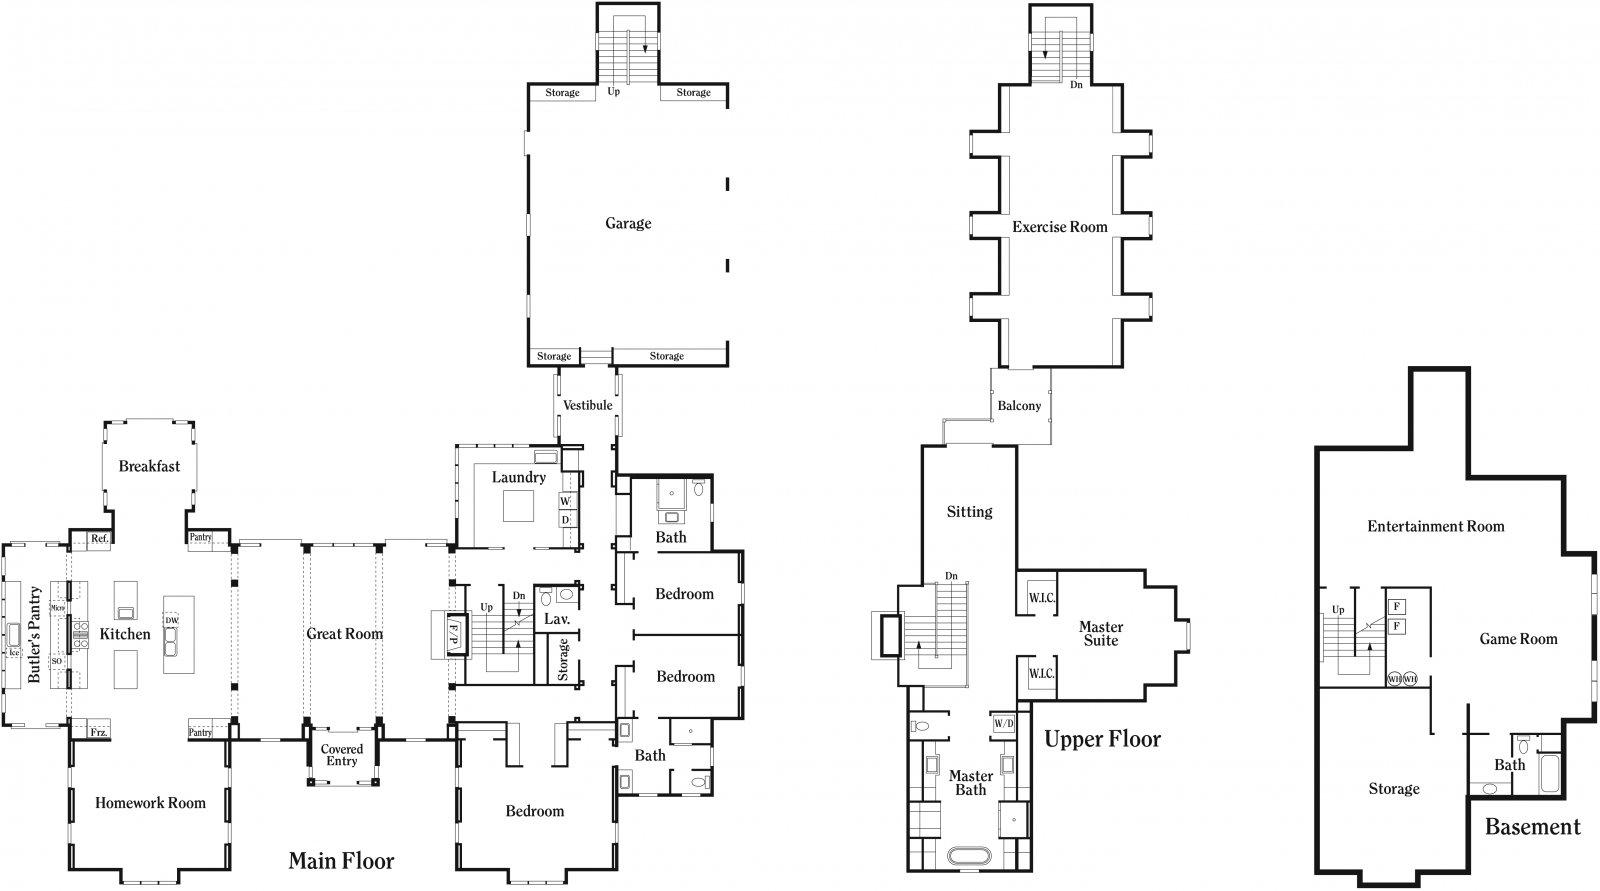 Utah parade of homes floor plans gurus floor for Utah home builders floor plans